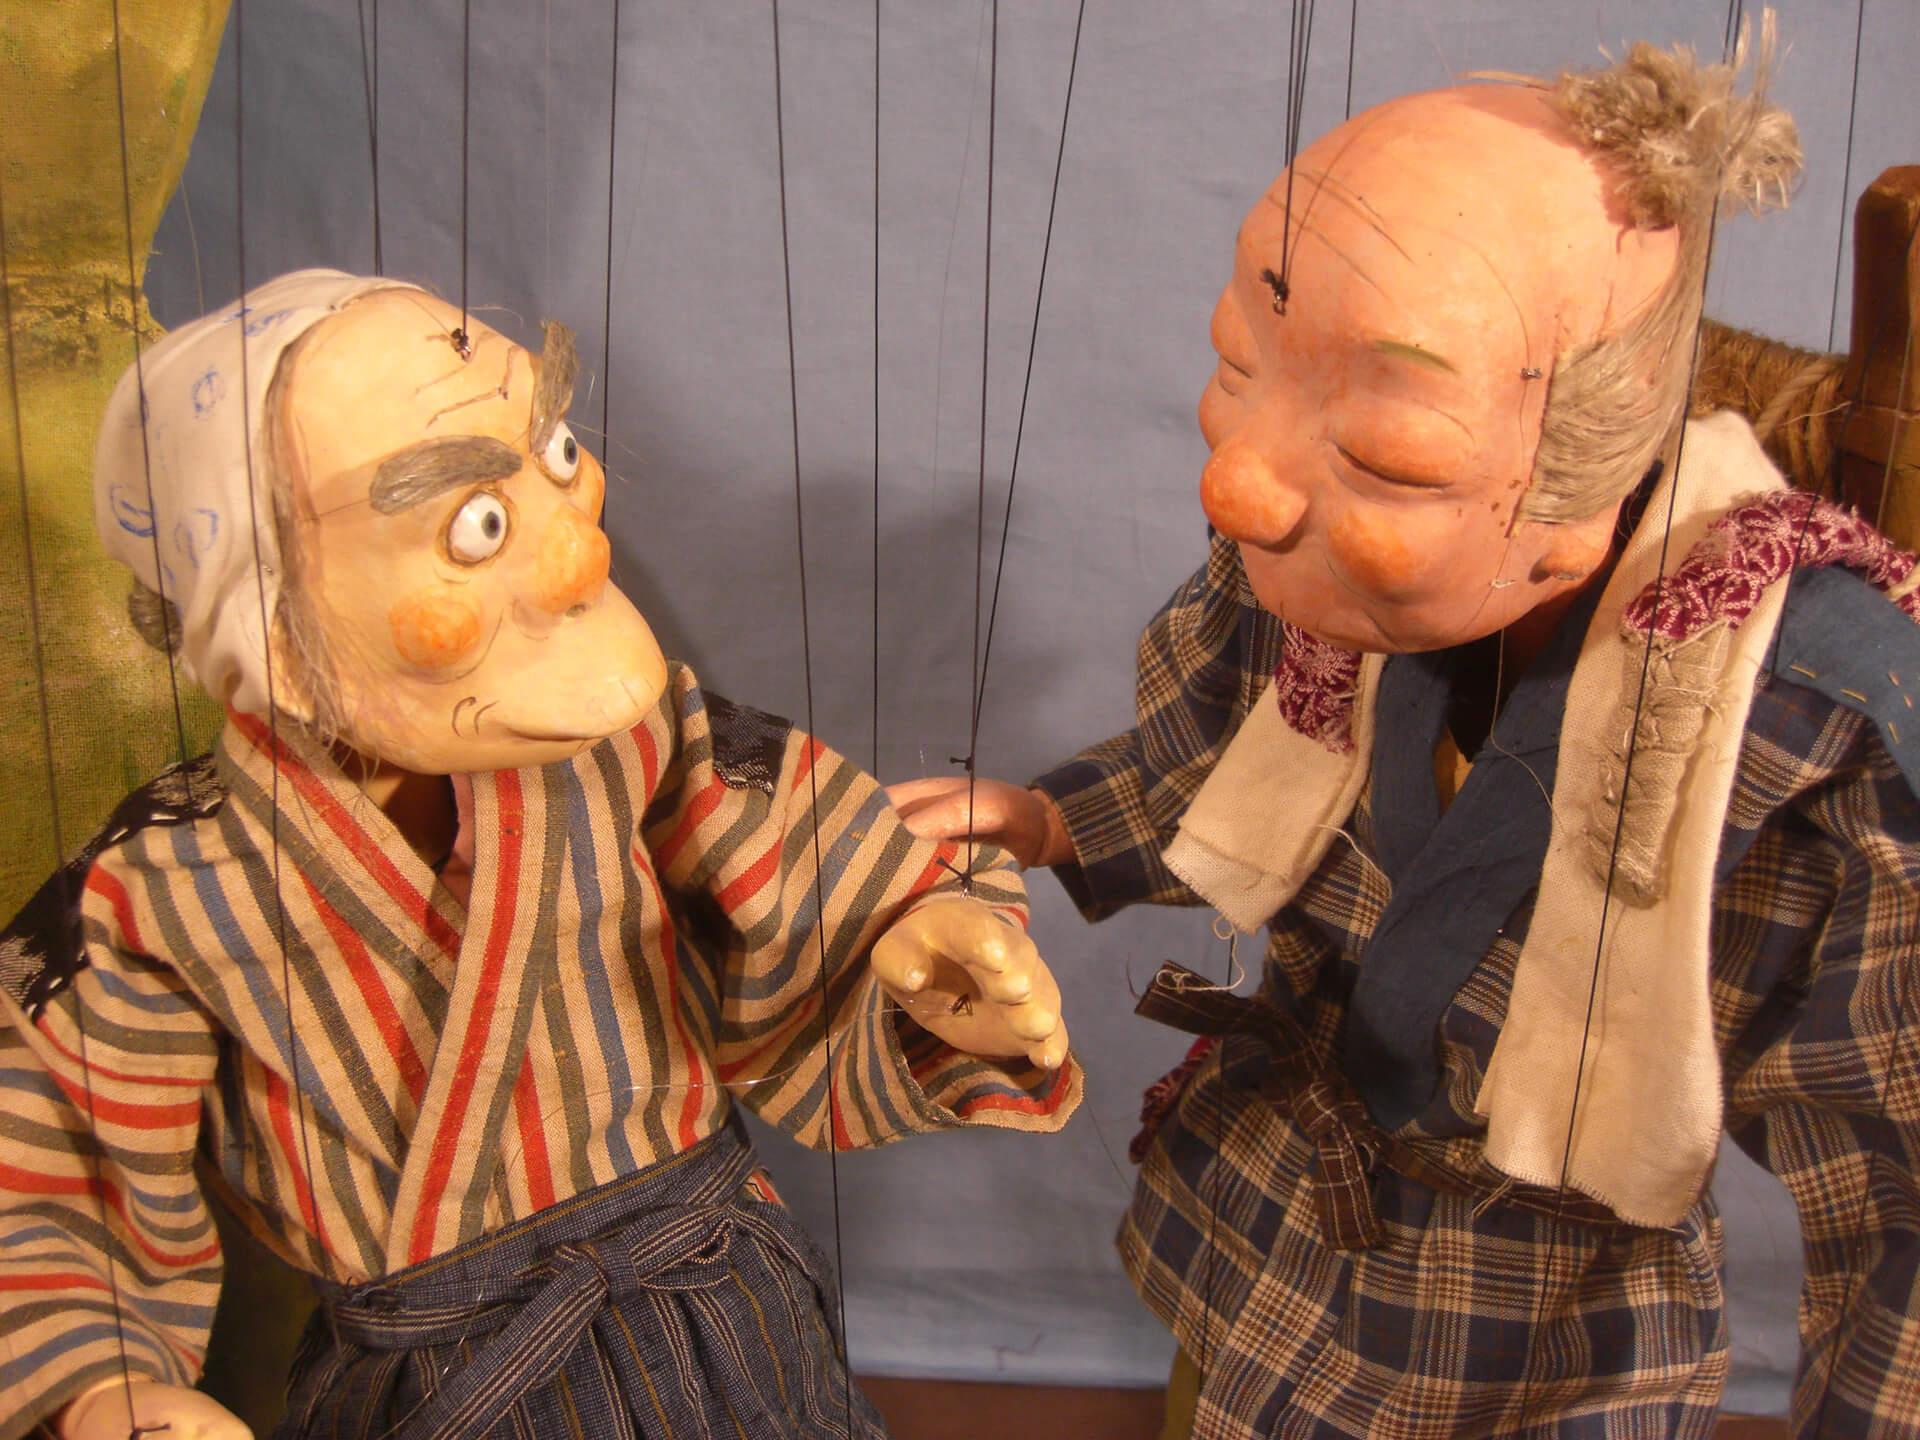 横浜人形の家 人形劇上演「舌切りスズメ」のおじいさんと街の人